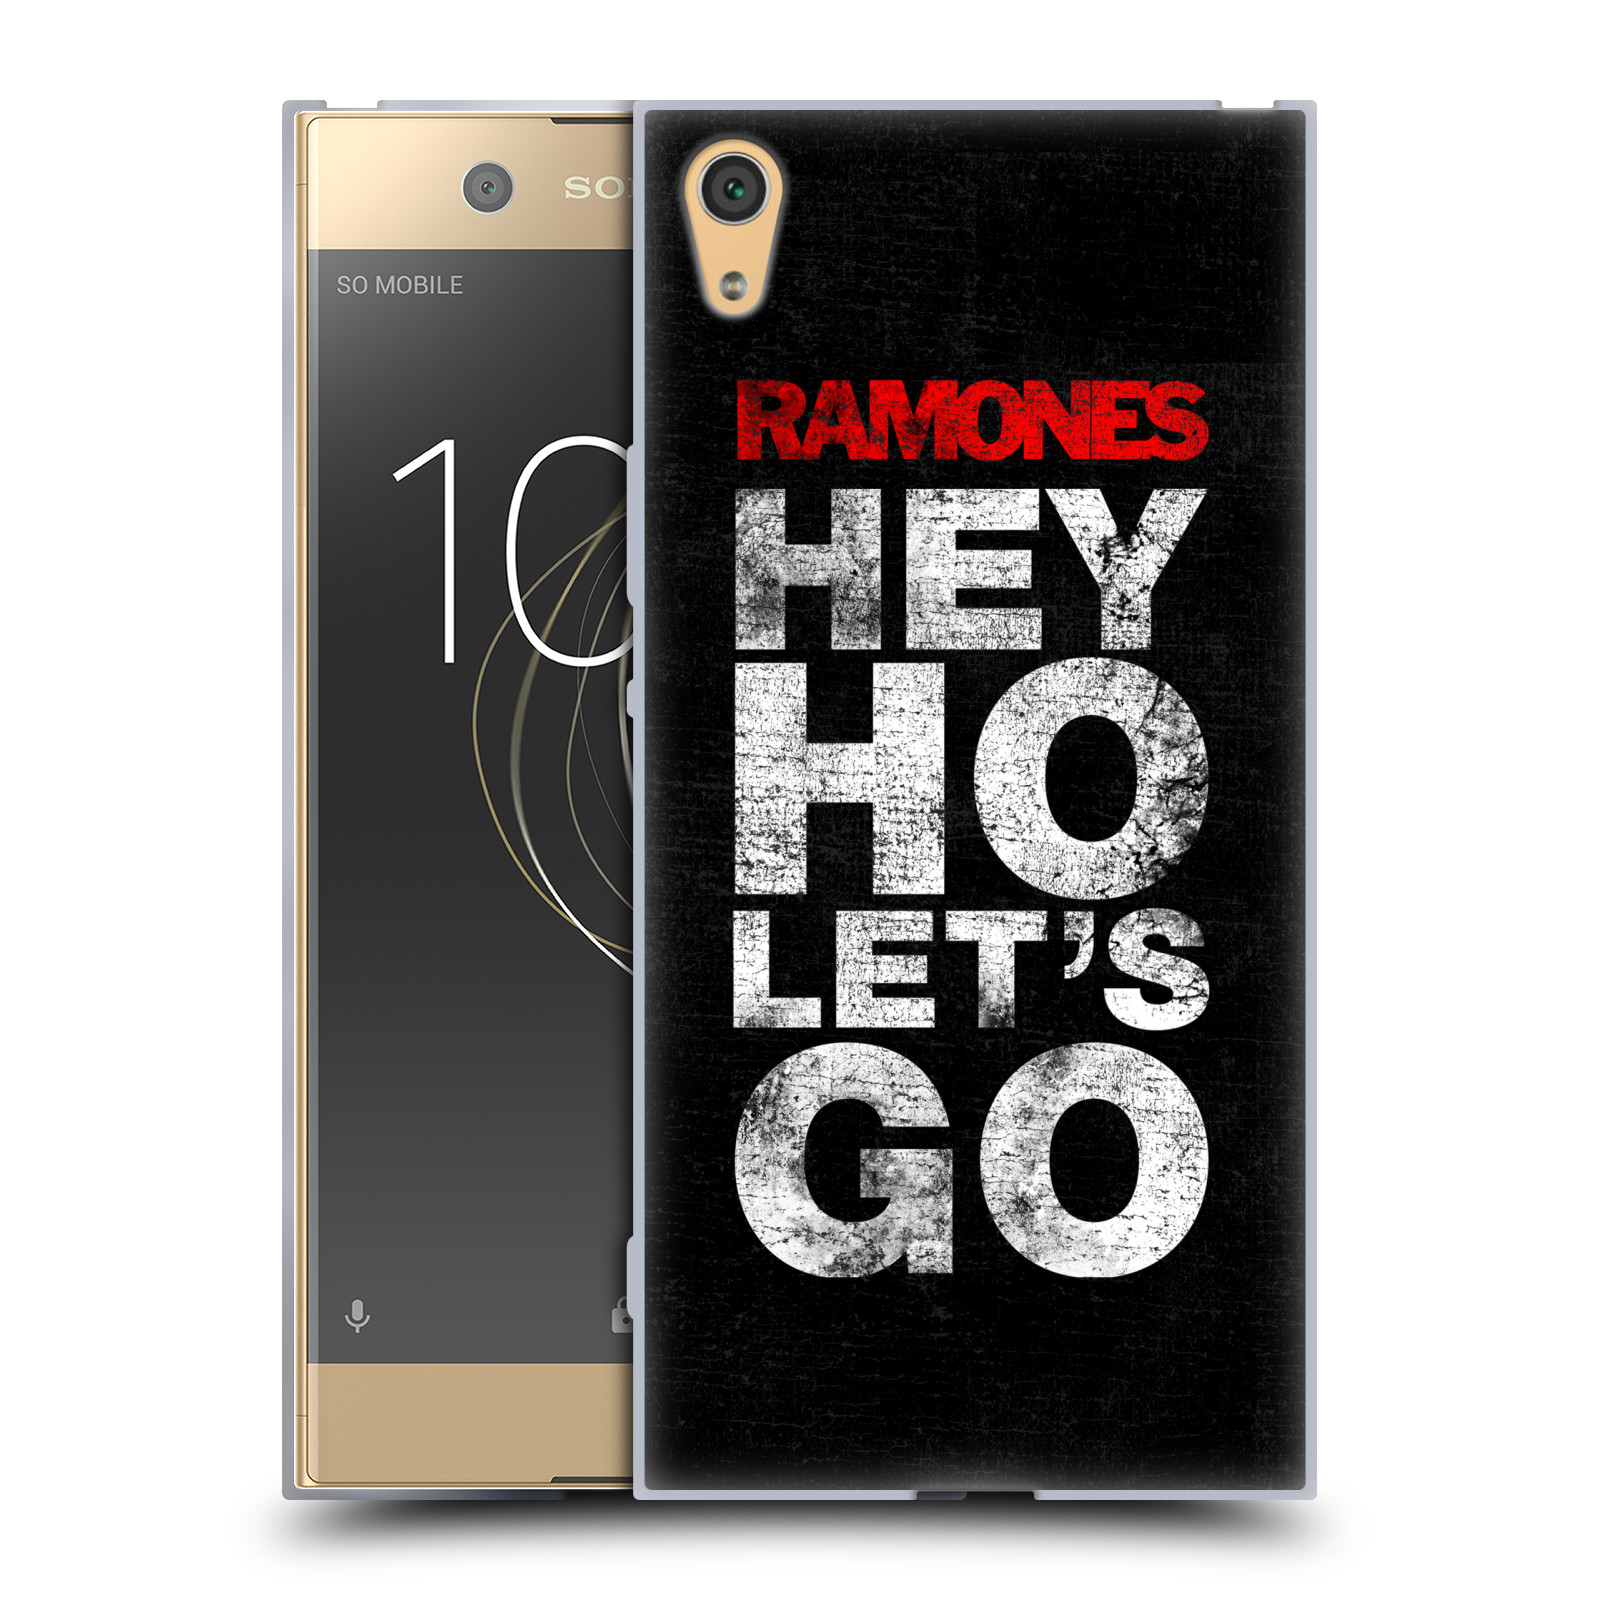 Silikonové pouzdro na mobil Sony Xperia XA1 Ultra - Head Case - The Ramones - HEY HO LET´S GO (Silikonový kryt či obal na mobilní telefon Sony Xperia XA1 Ultra G3221 s motivem The Ramones - HEY HO LET´S GO)